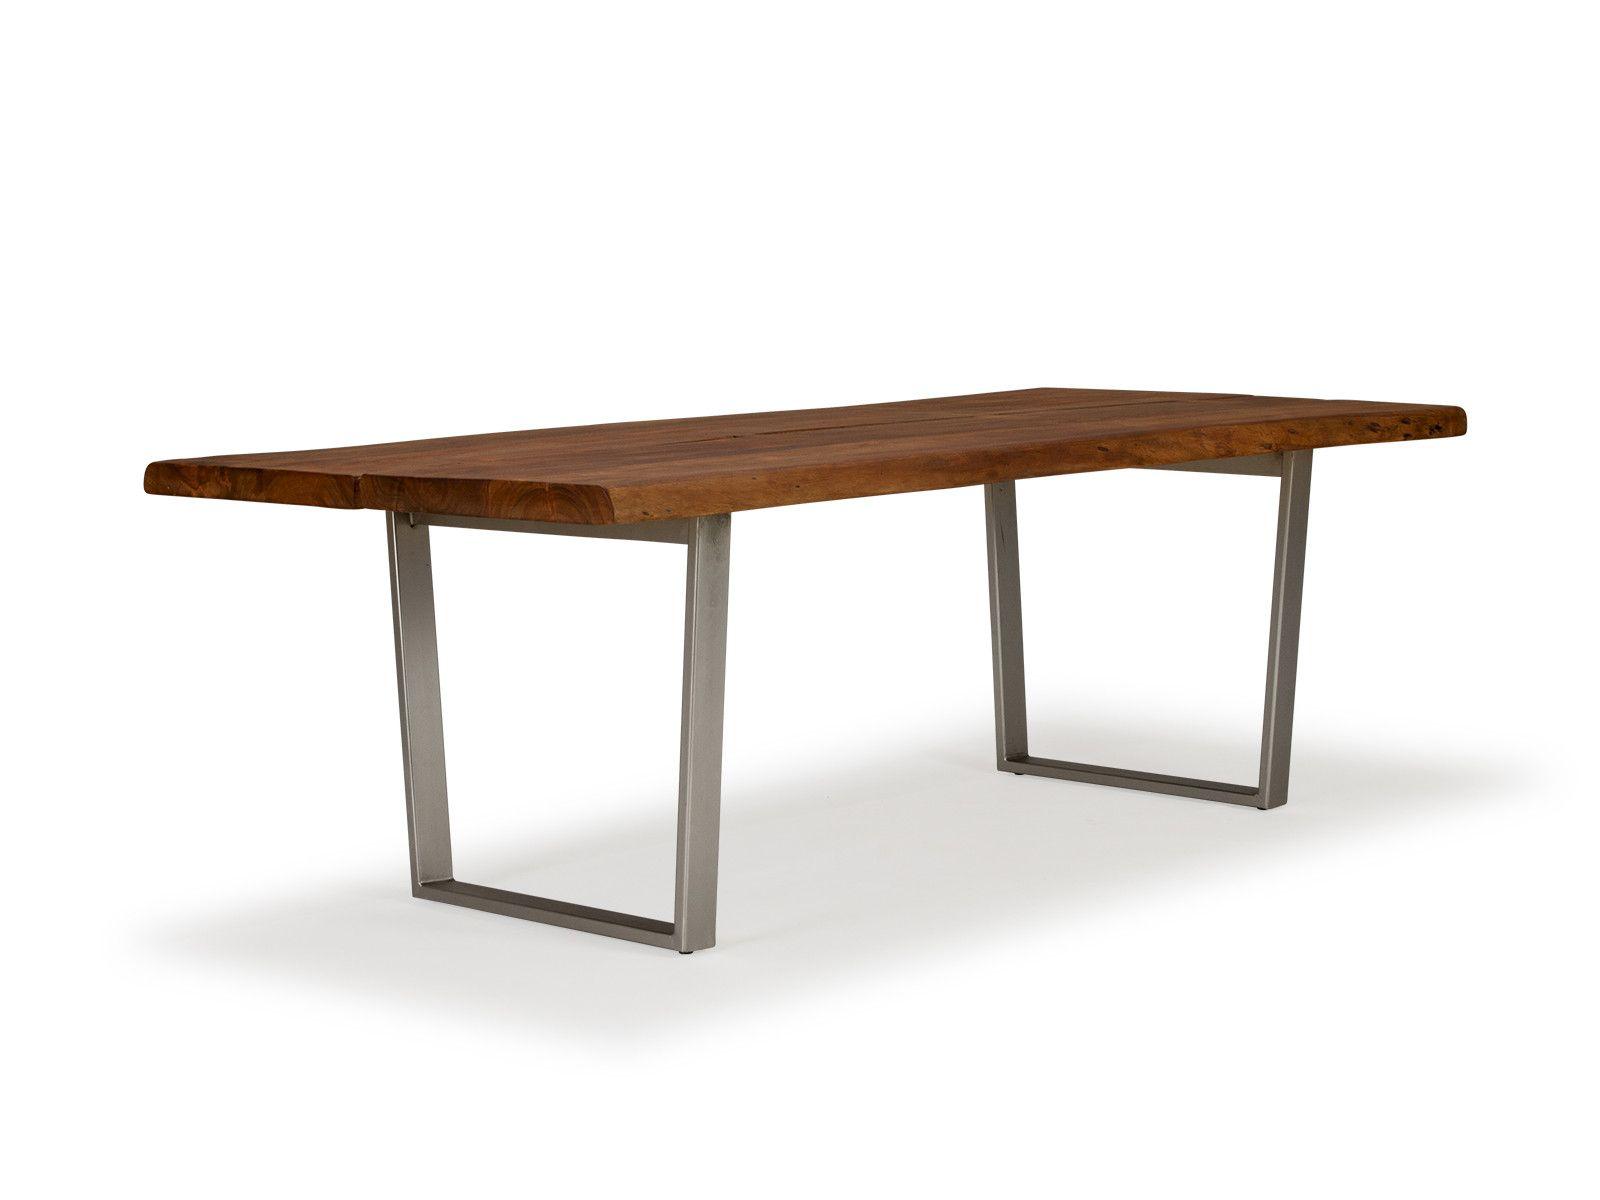 Industriedesign Esstisch Aus Massivholz Akazie Moebeldeal Com Versandkostenfreie Mobel Online Bestellen Esstisch Massivholz Esstisch Esstisch Sessel